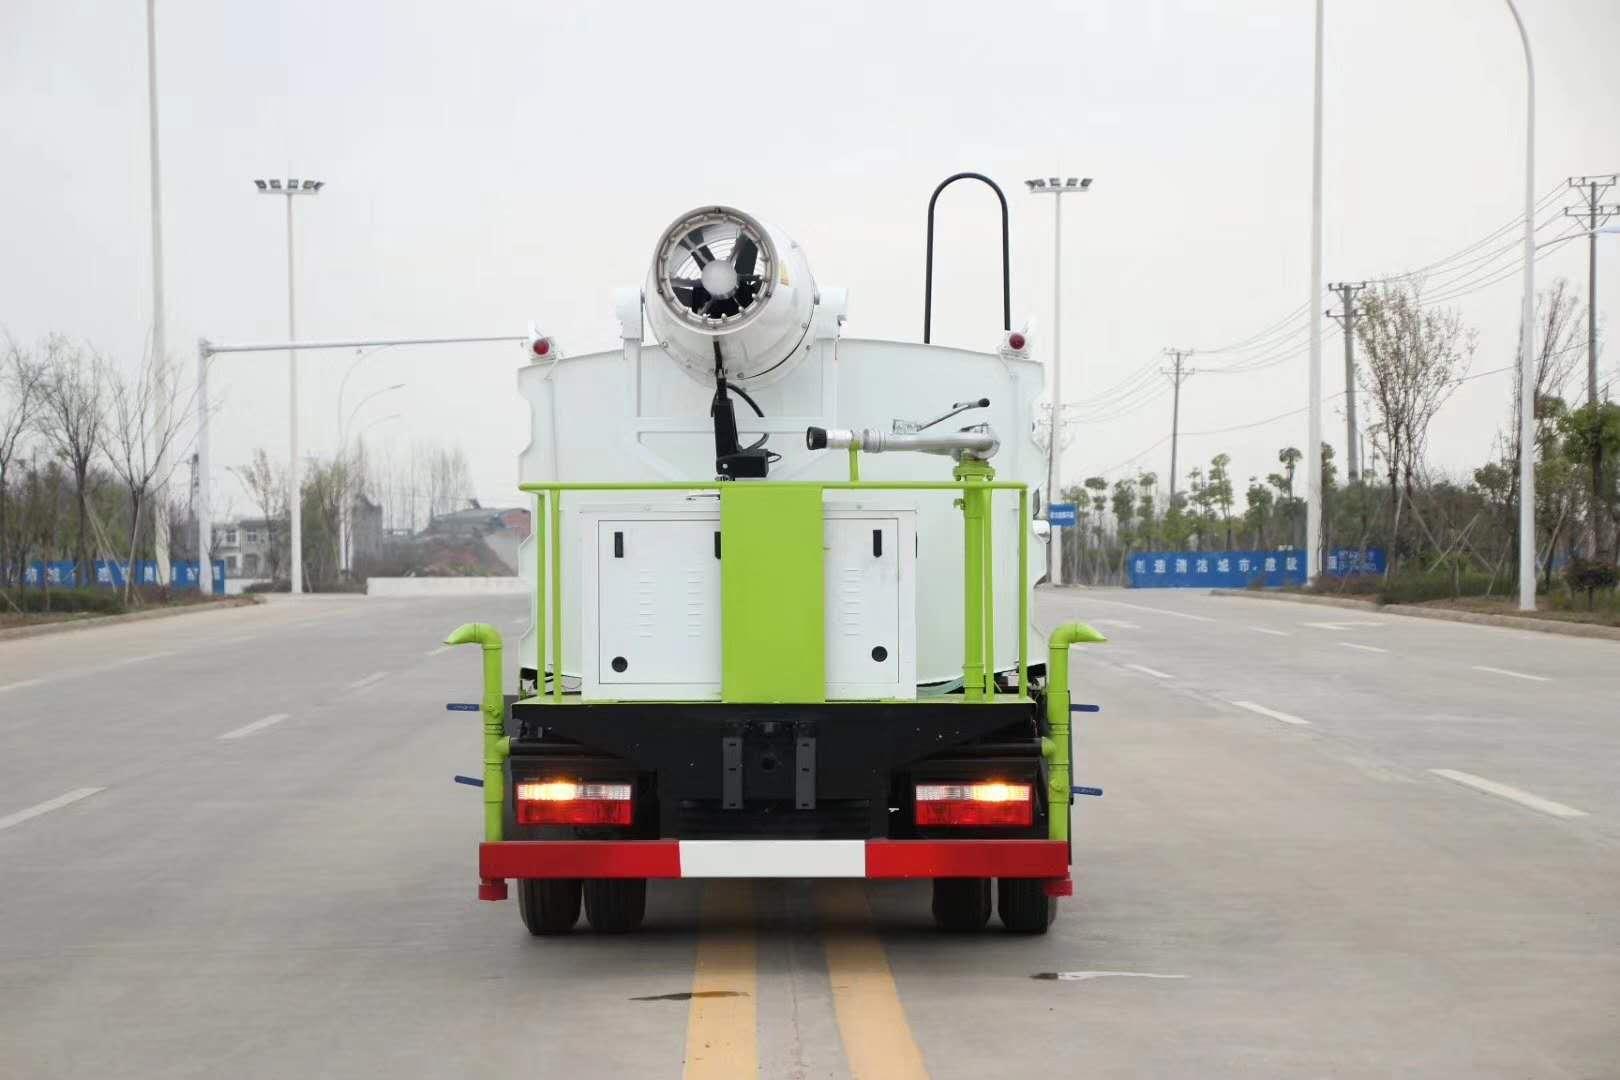 東風5噸霧炮車出藍牌車了圖片